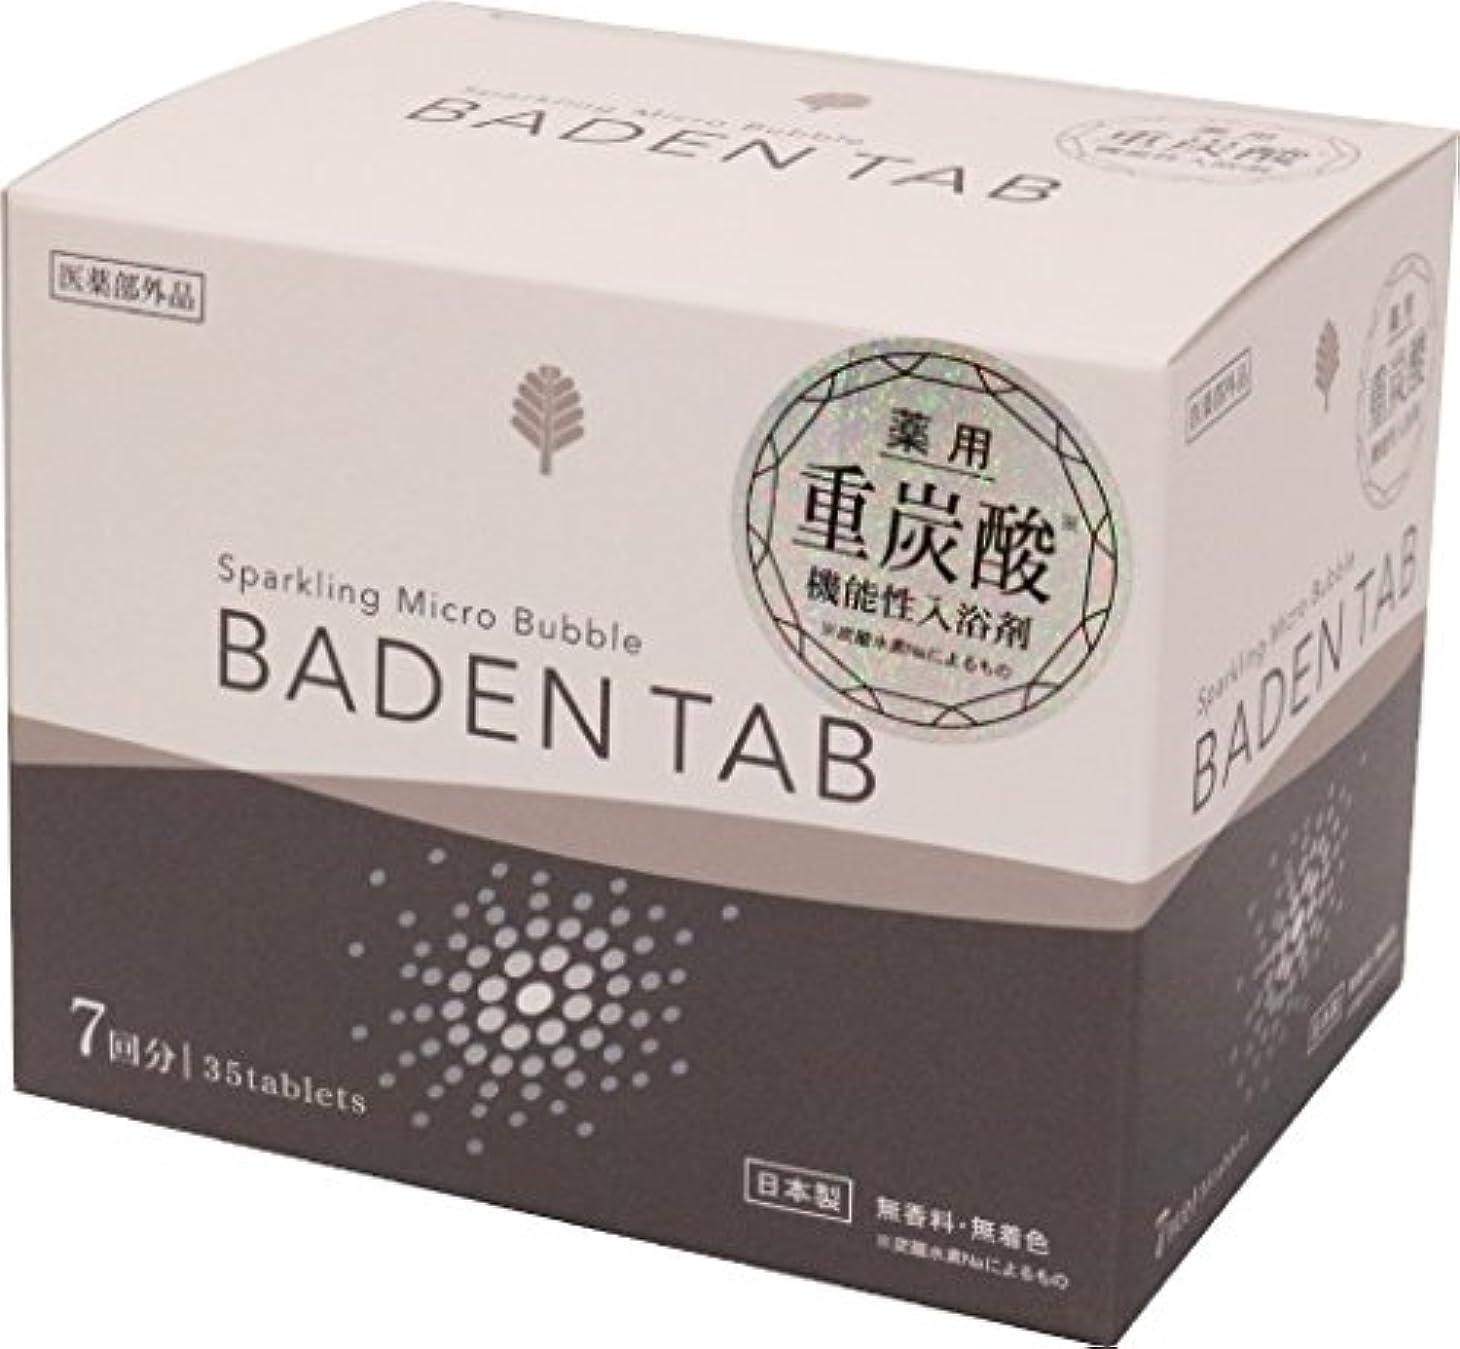 許さない品薄汚い日本製 made in japan 薬用BadenTab5錠7パック15gx35錠入 BT-8756 【まとめ買い6個セット】